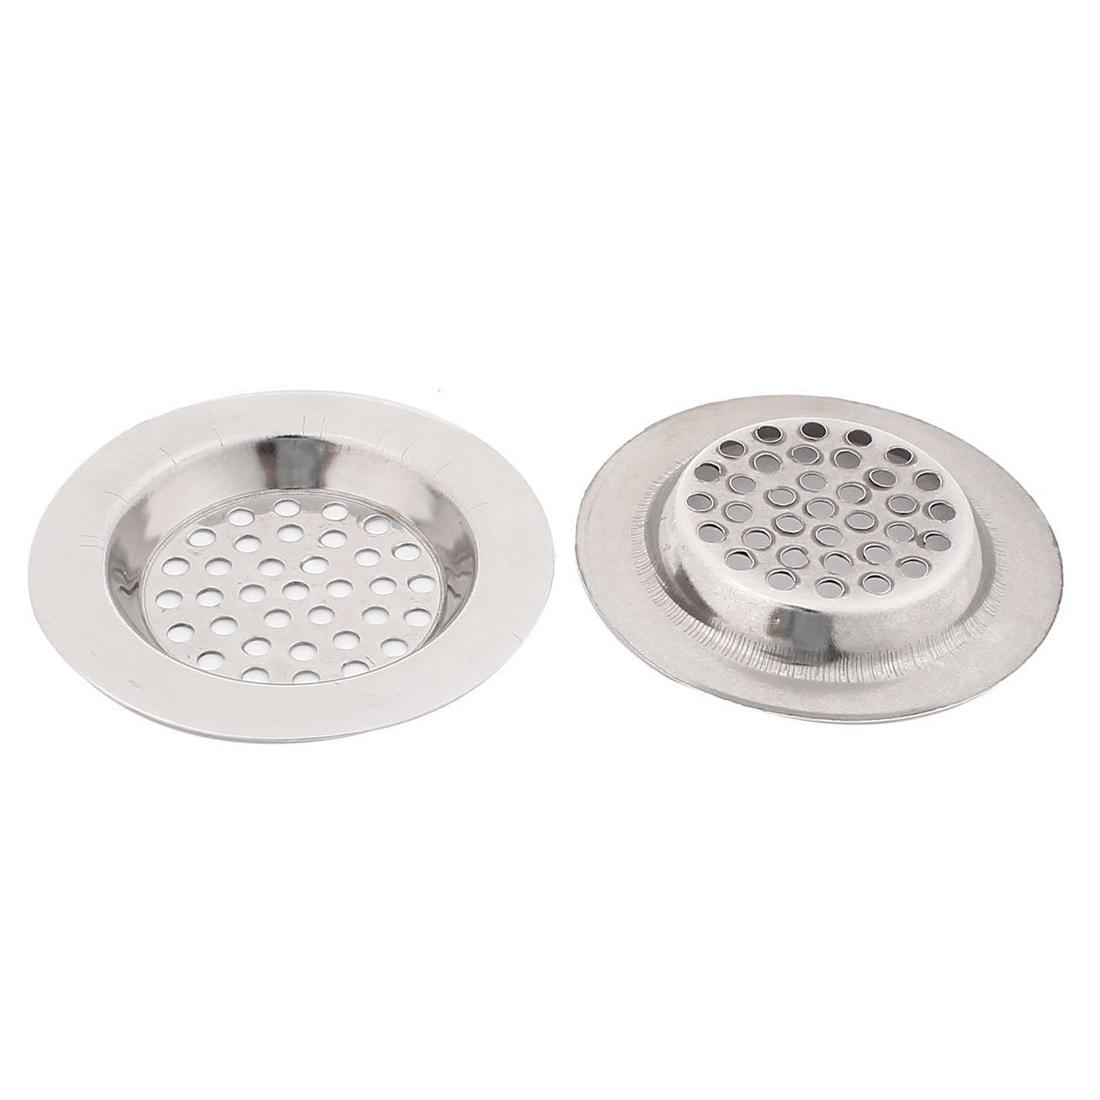 Bathroom Kitchen Stainless Steel Basin Sink Drain Strainer 2pcs Ws Ebay